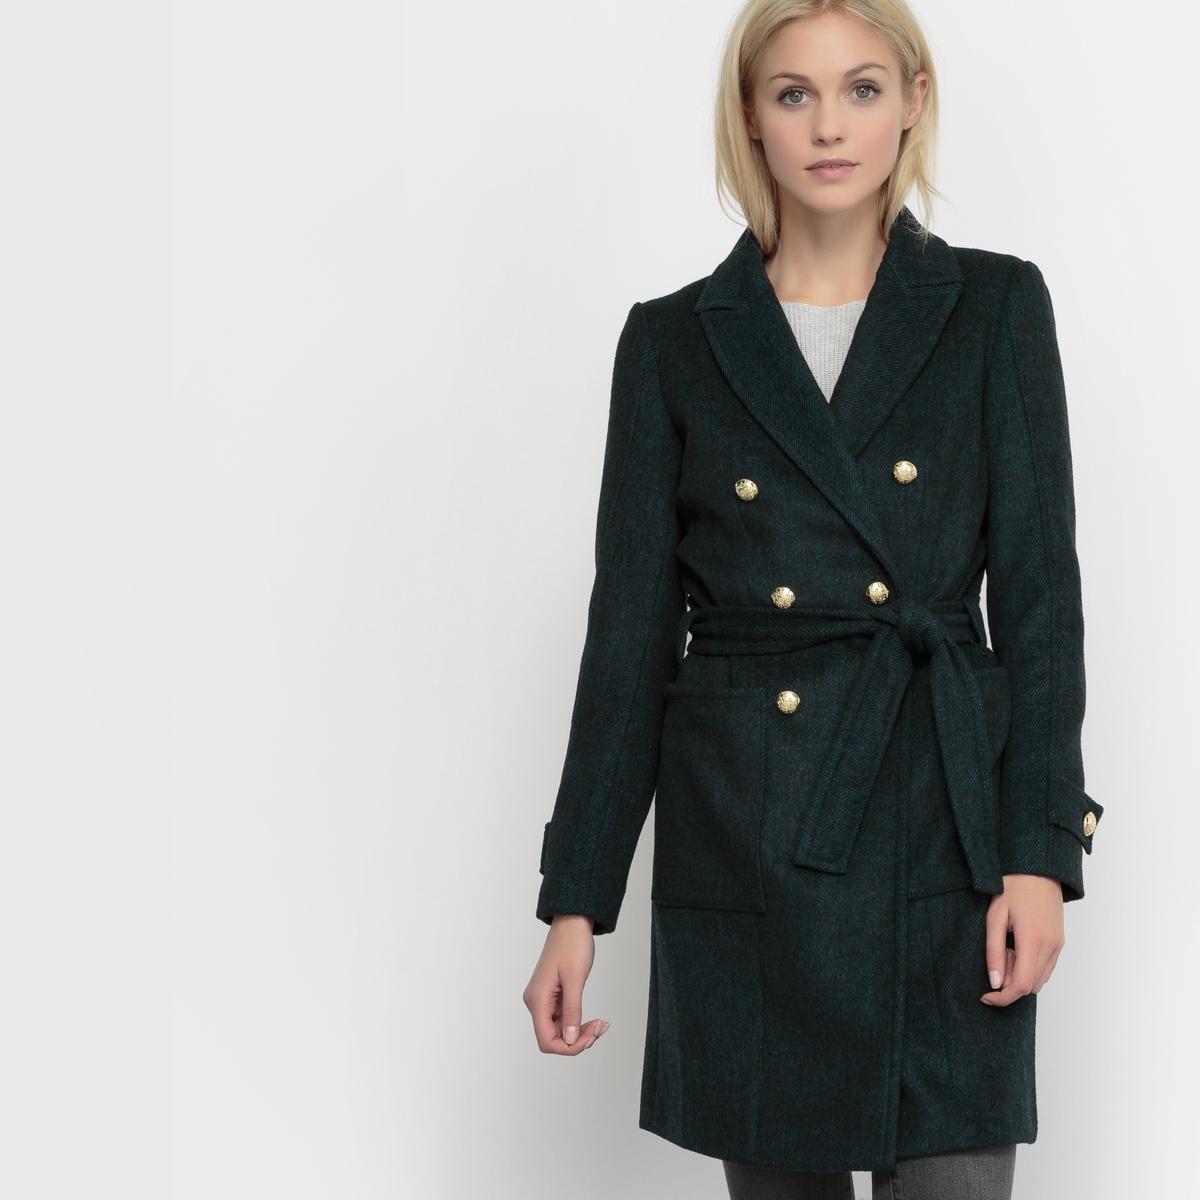 Пальто с саржевым эффектом Coat SolidСостав и описаниеМатериал : 70% полиамида, 30% шерстиДлина : 94 смМарка : Tom TailorМодель : Coat SolidУходСледуйте рекомендациям по уходу, указанным на этикетке изделия<br><br>Цвет: темно-зеленый<br>Размер: 40 (FR) - 46 (RUS)